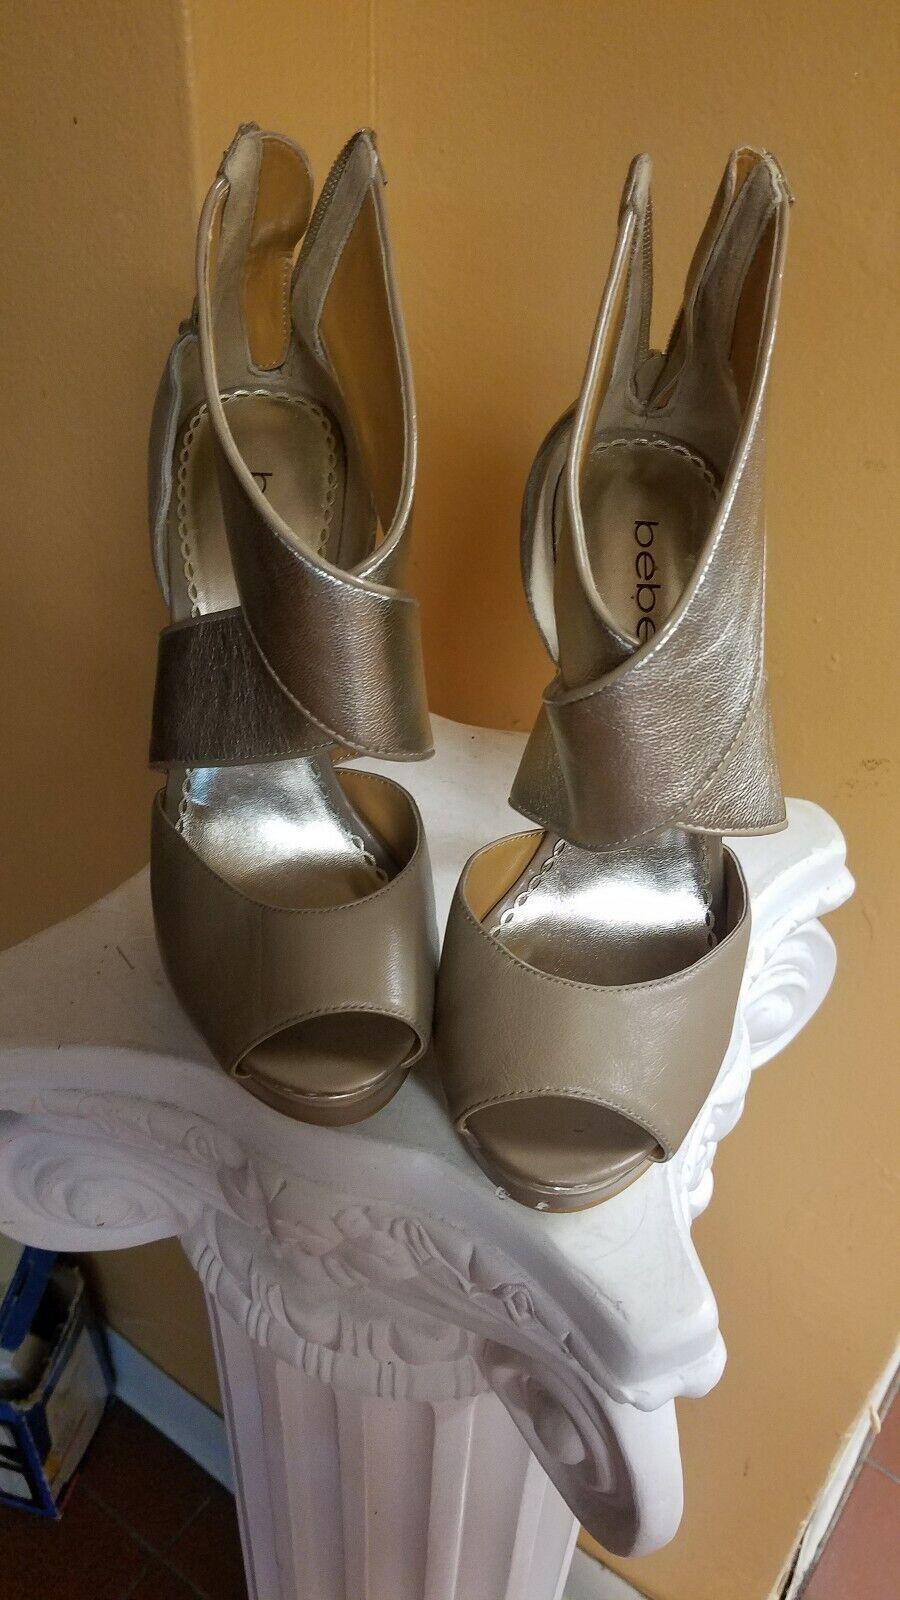 Bebe -skor storlek 7 beige och guld och guld guld guld och guld klackskovel  bästa service